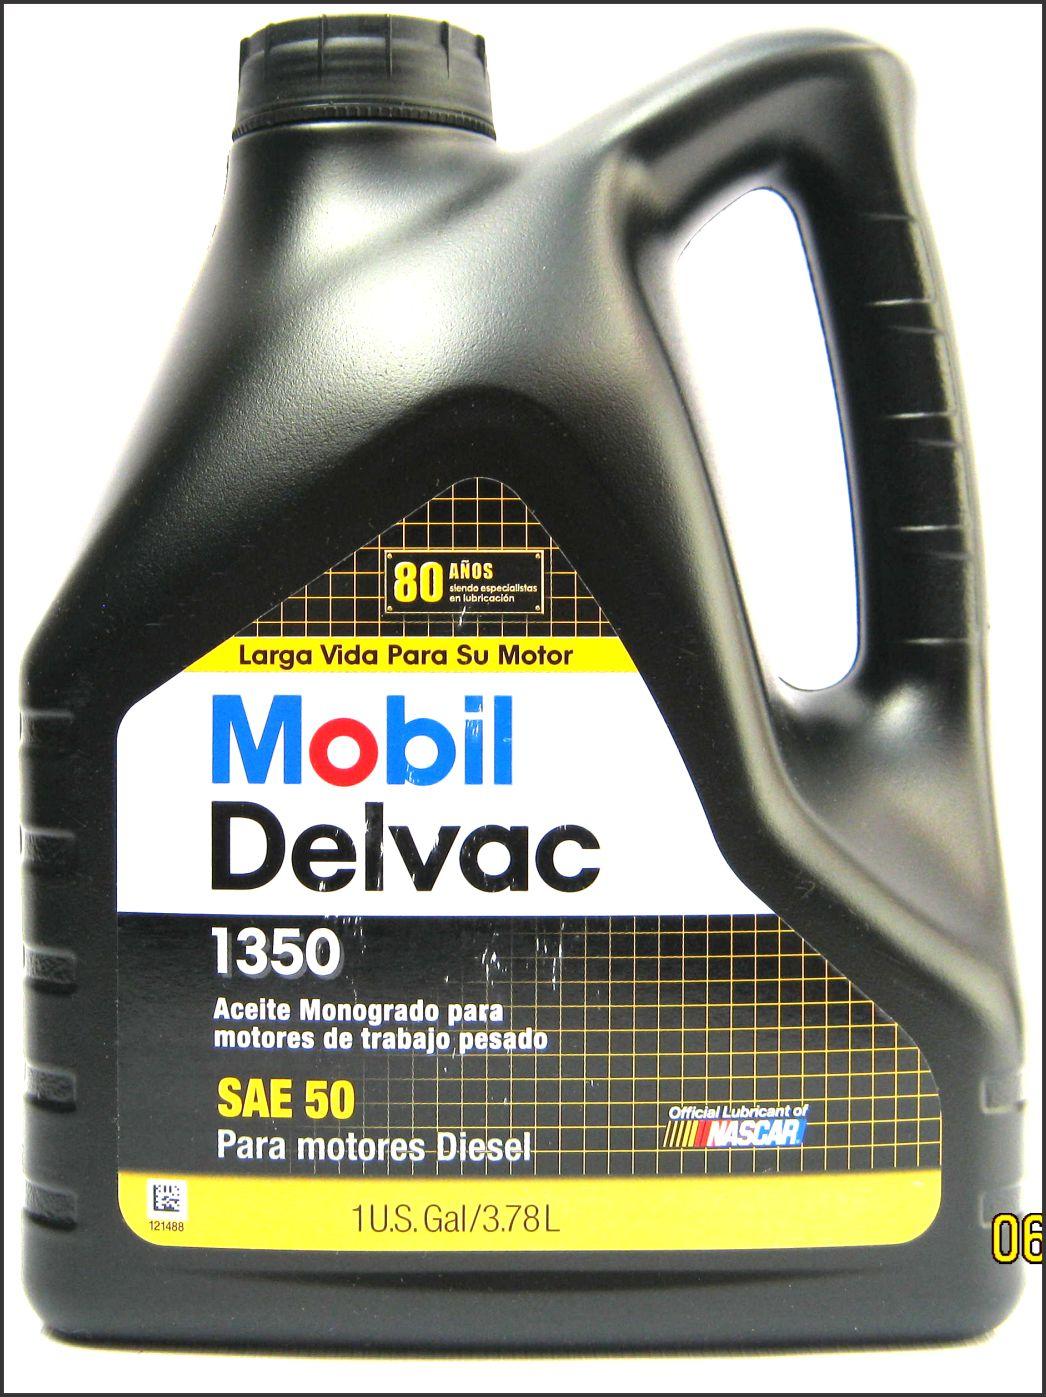 10W30 Motor Oil >> Jaguti Ltda - Todas nuestras promociones.